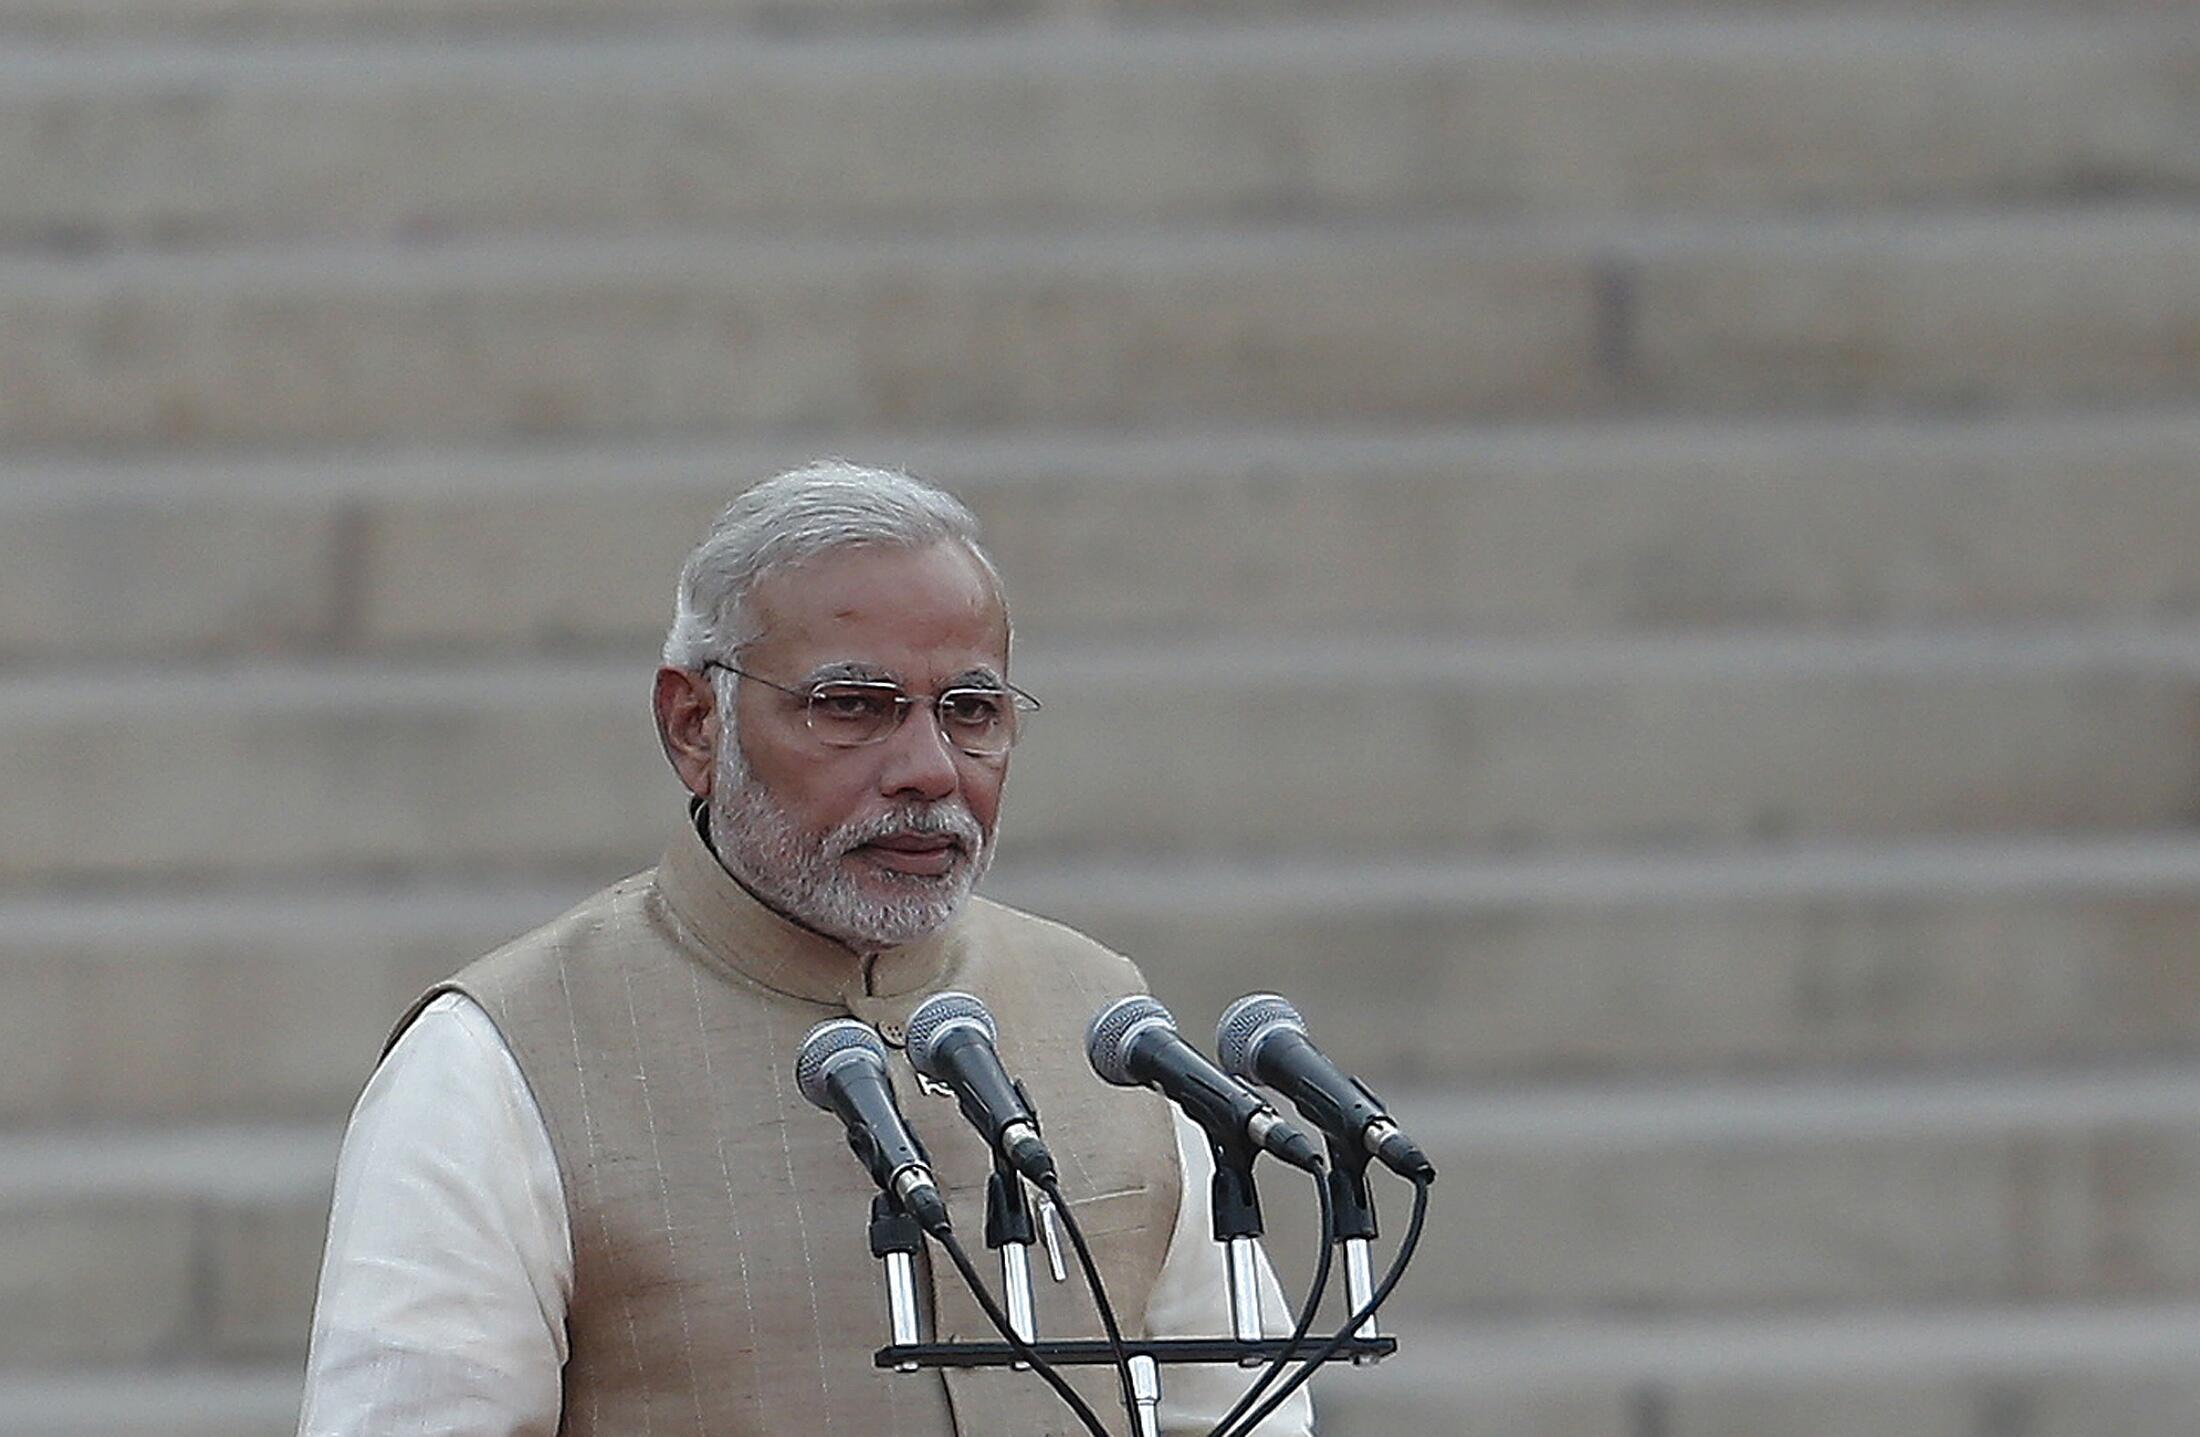 Le Premier ministre indien, Narendra Modi prête serment au palais présidentiel à New Delhi, le 26 mai 2014.